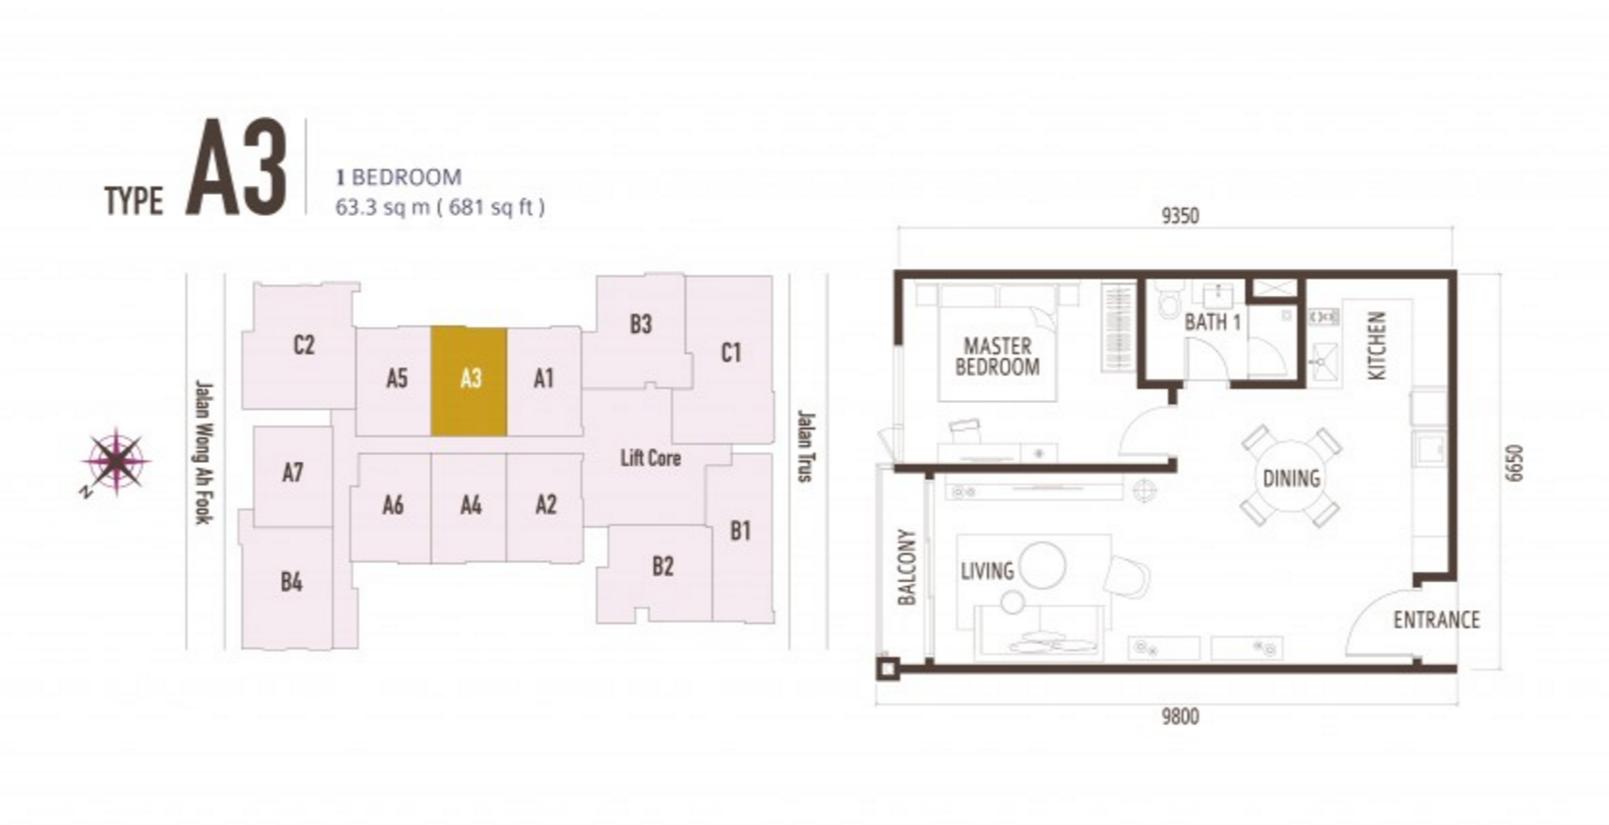 FloorPlan 1 Bedroom Type A3